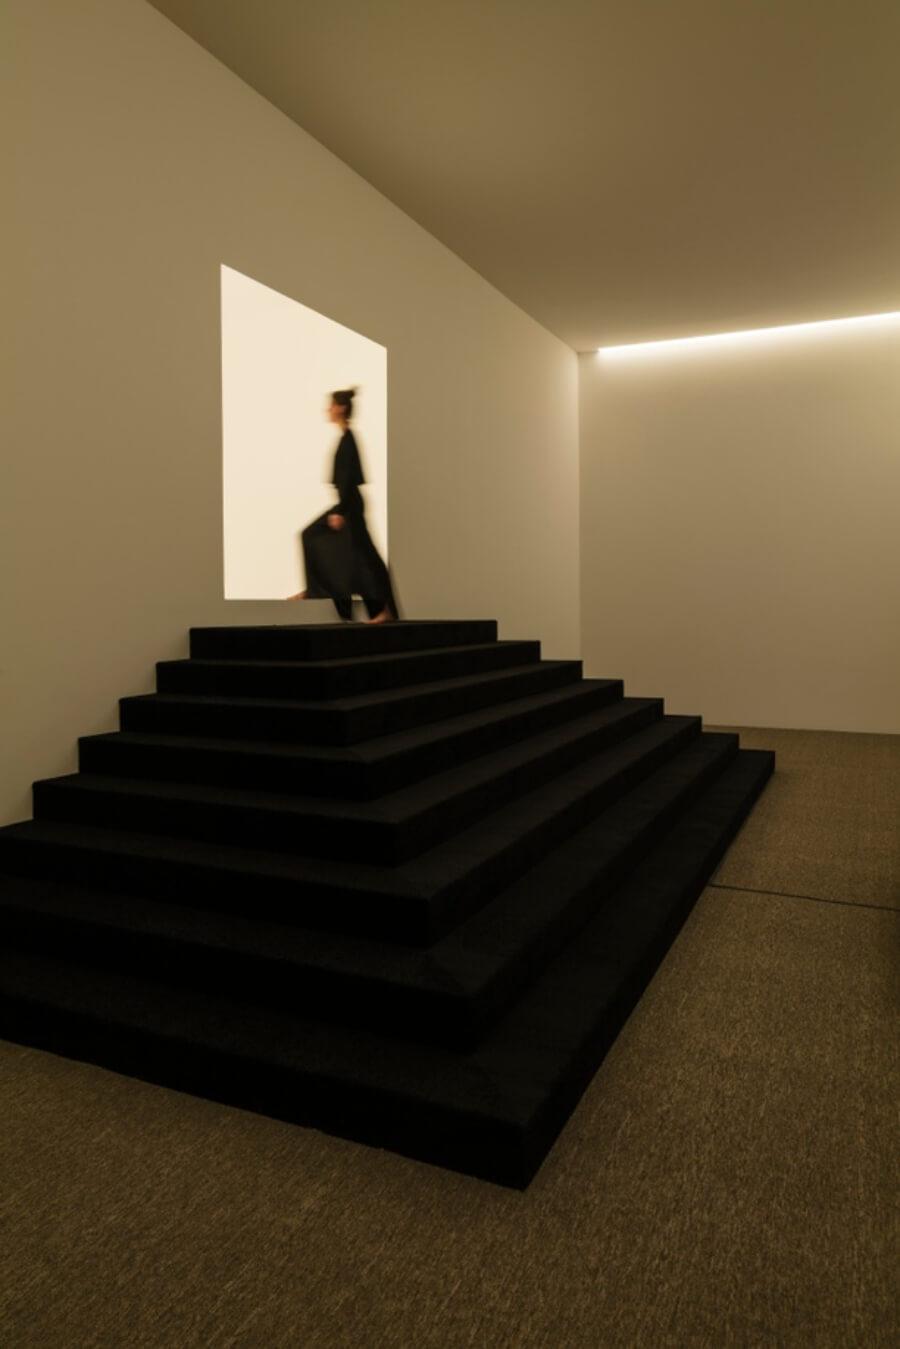 instalación de James Turrell